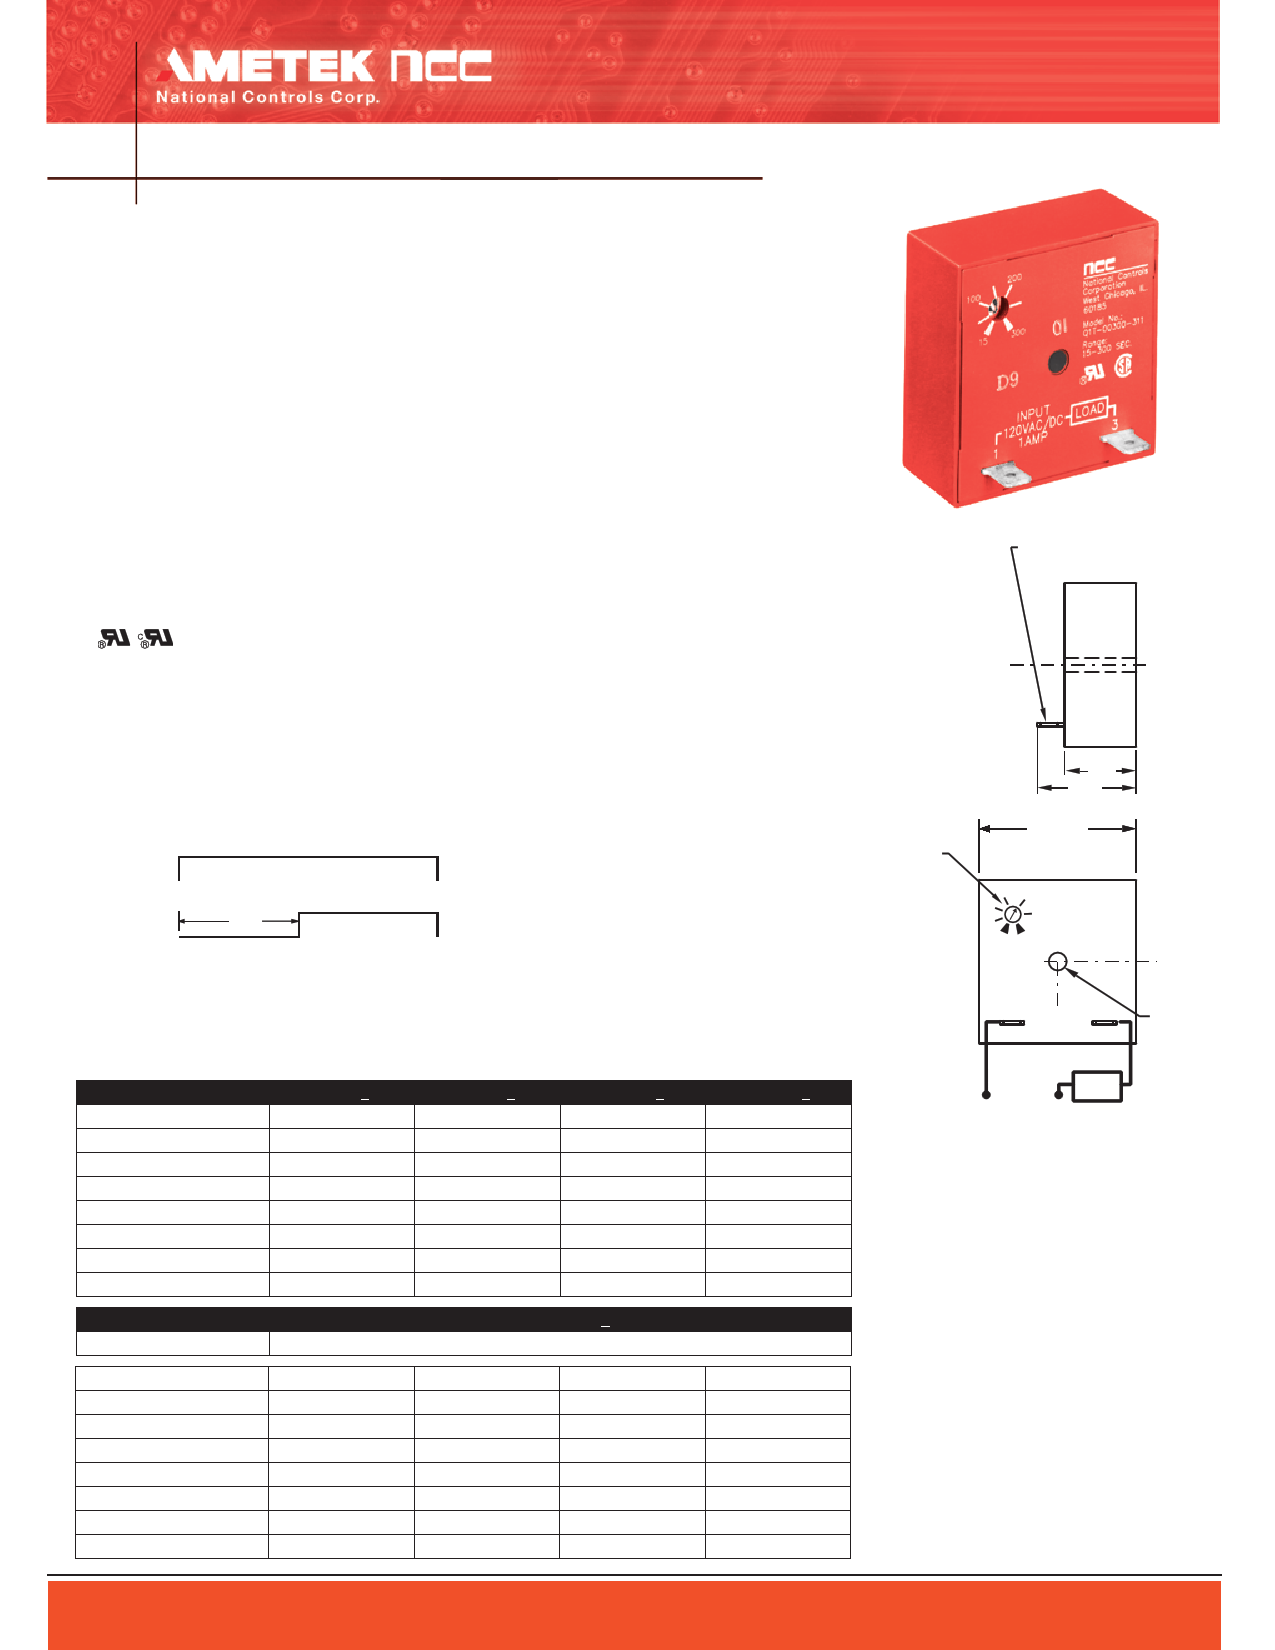 Q1T-00010-317 datasheet